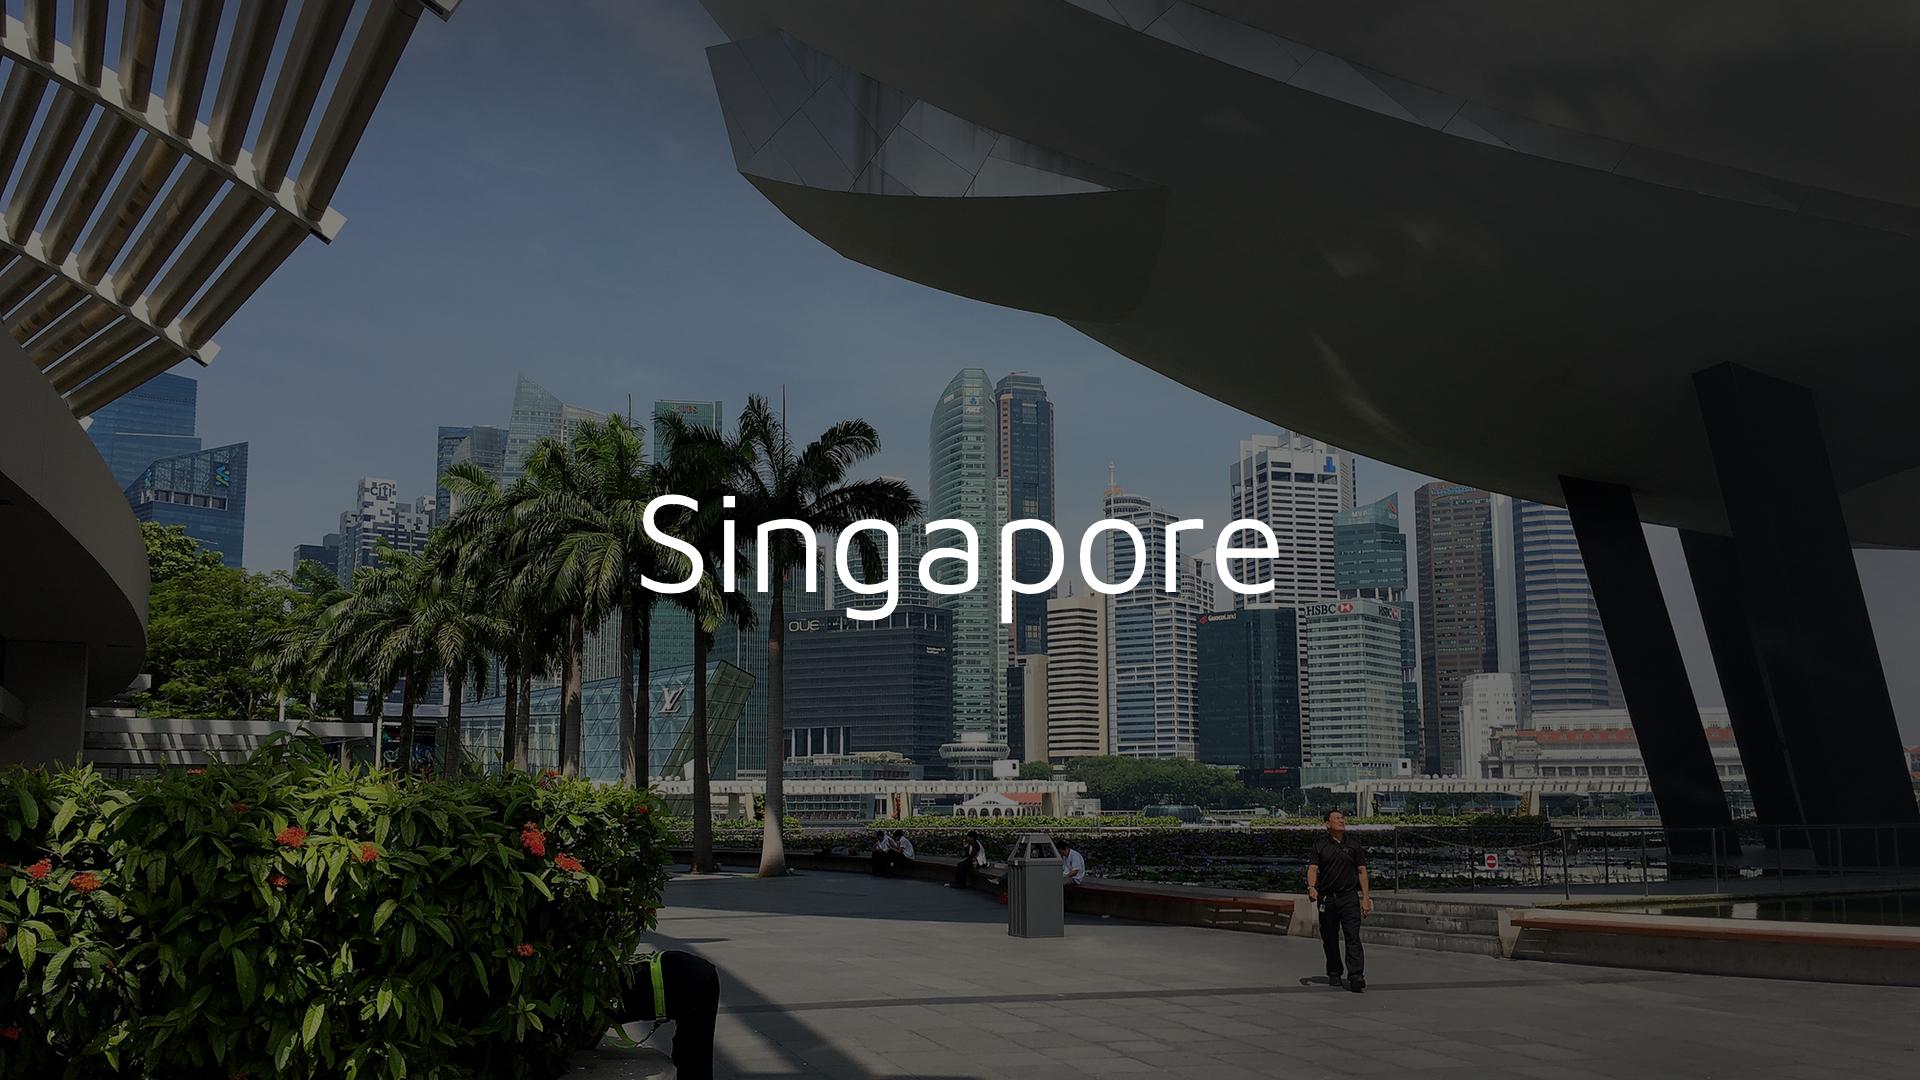 Singapore Header 1920x1080 Dark